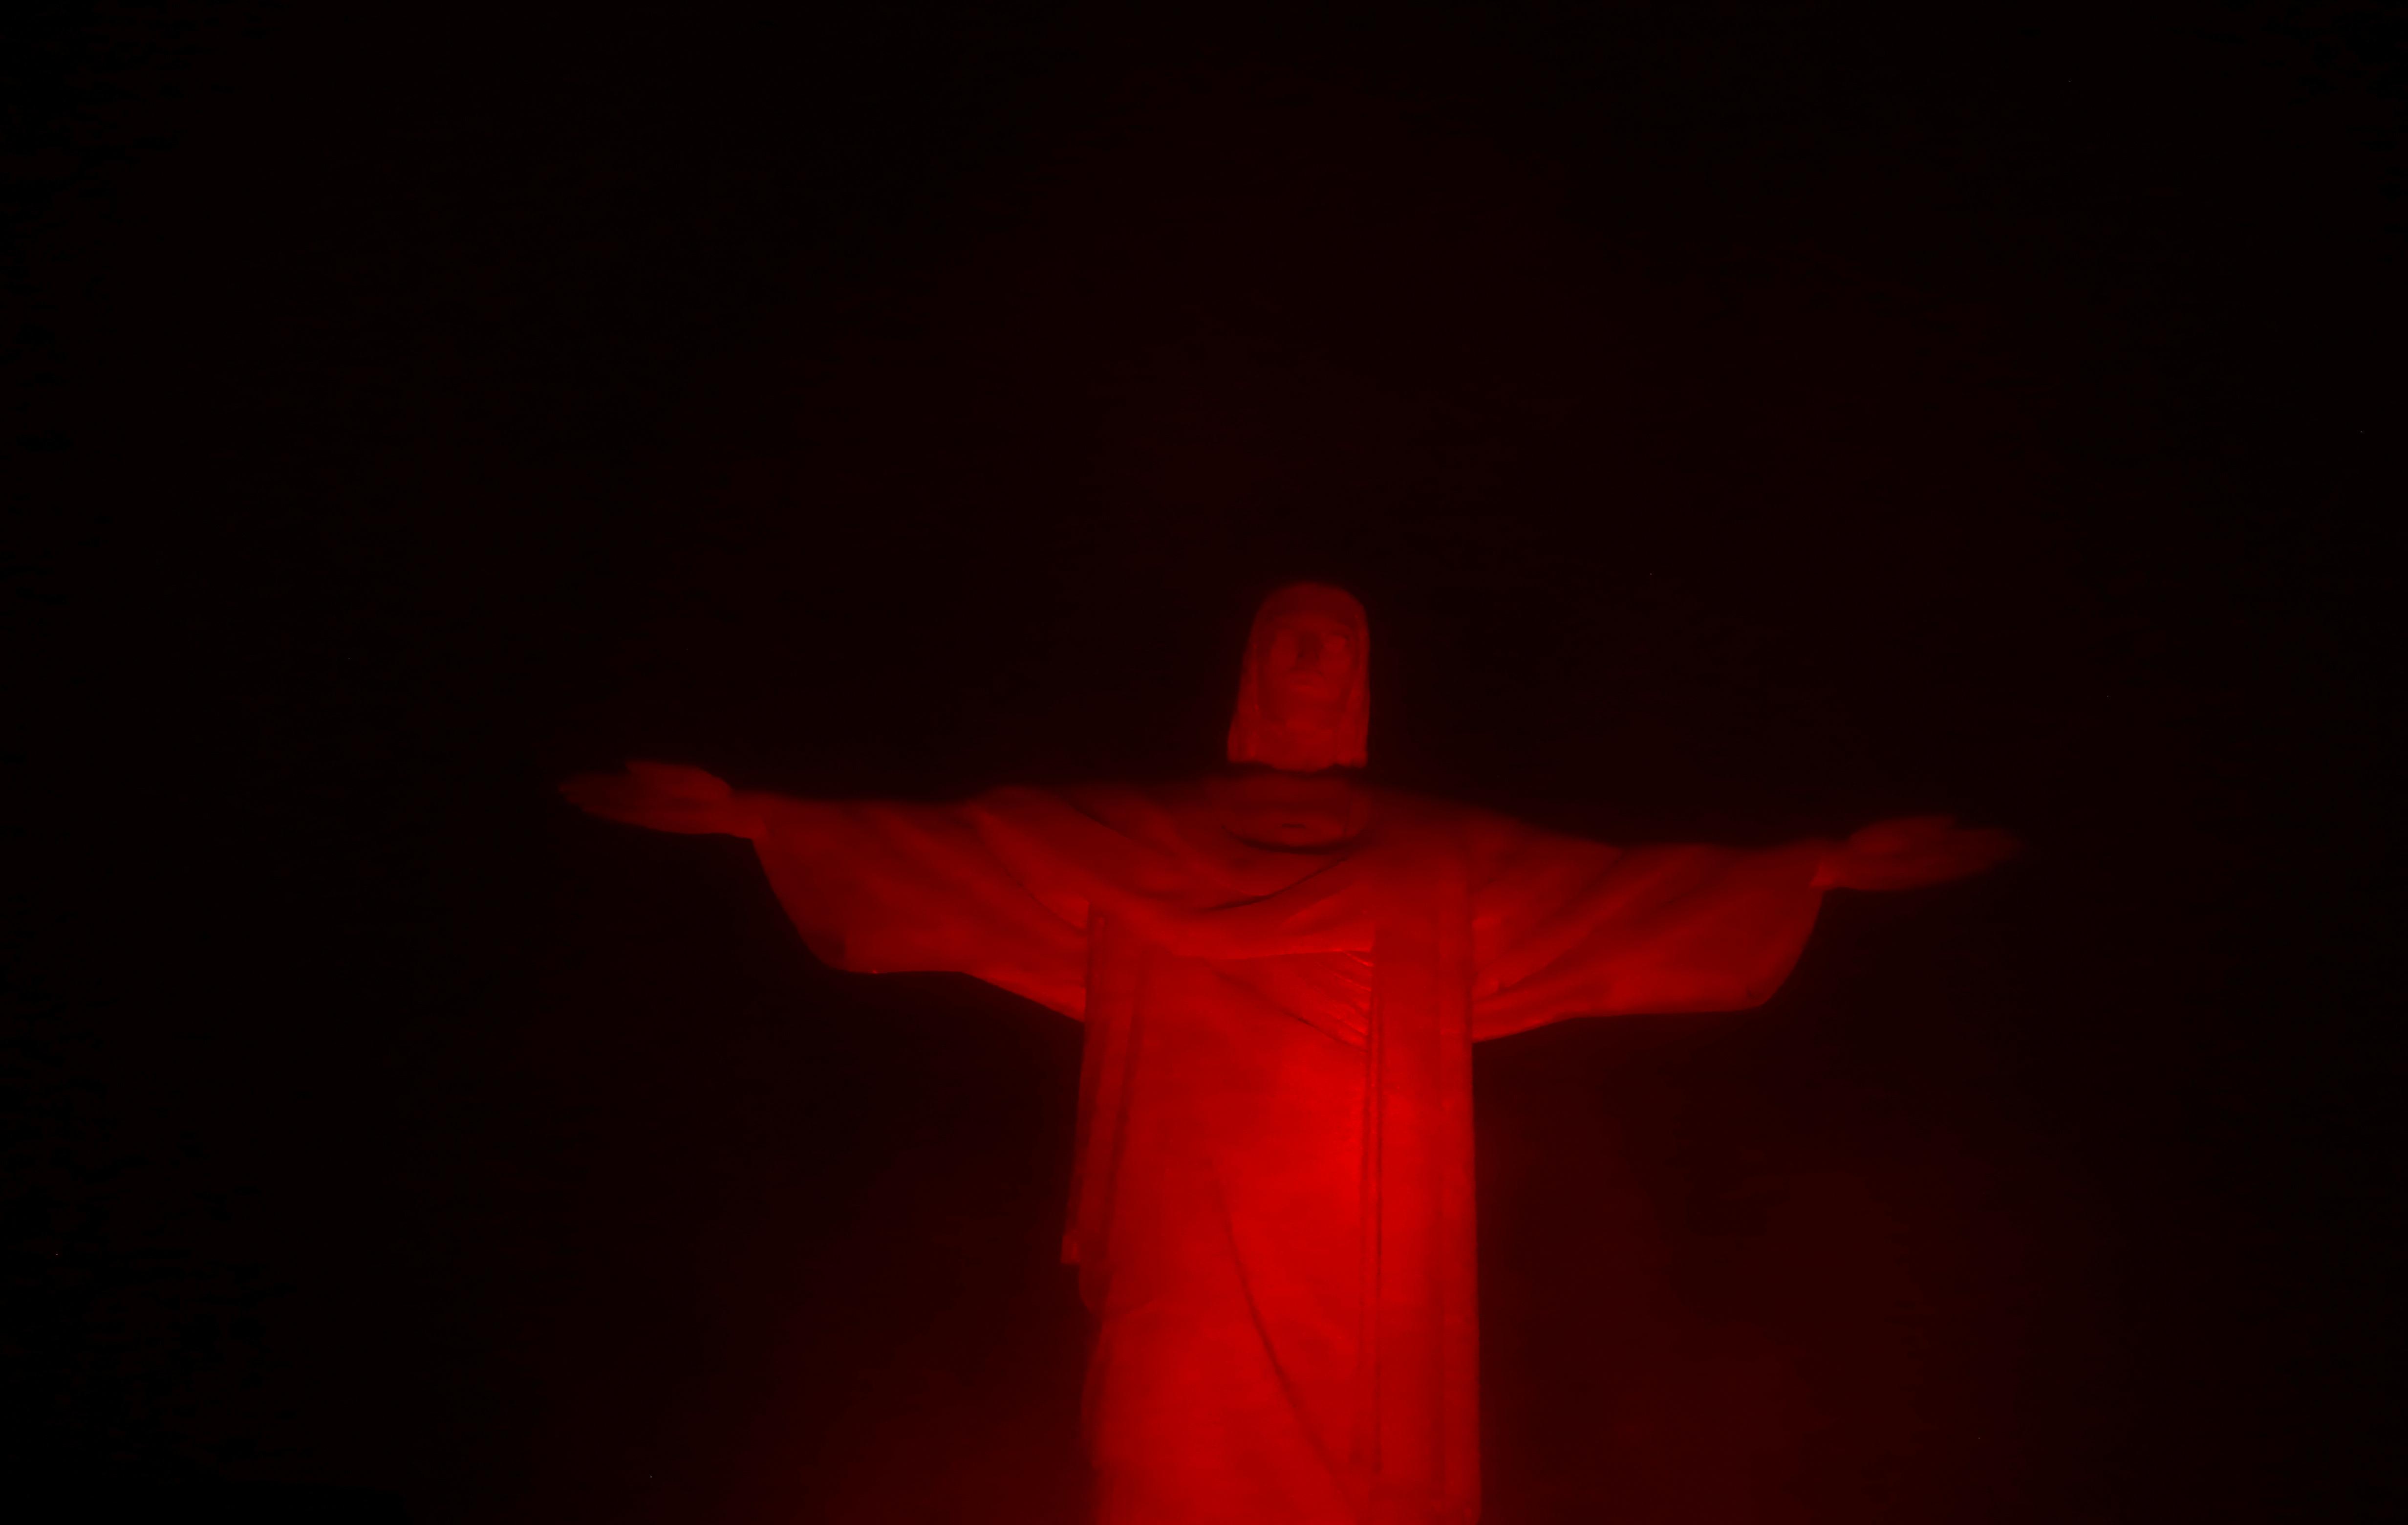 إضاءة تمثال المسيح فى البرازيل بالتزامن مع اليوم العالمى للايدز